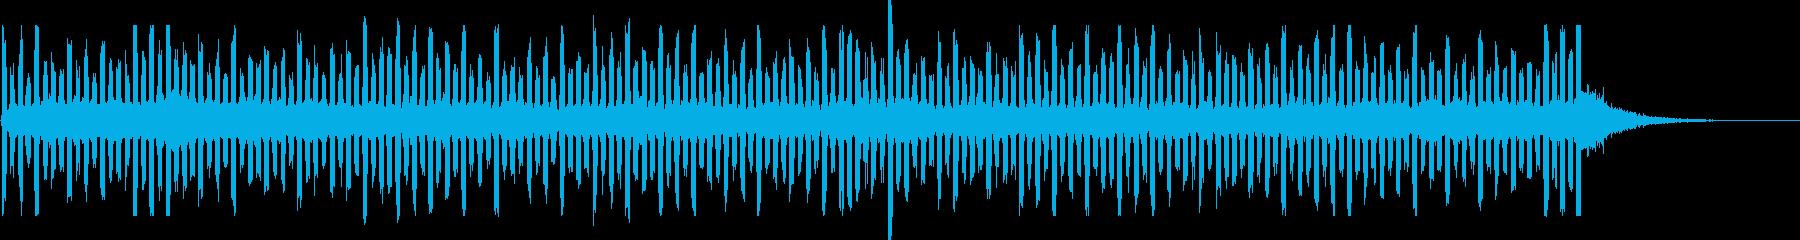 スペースビーコンの再生済みの波形